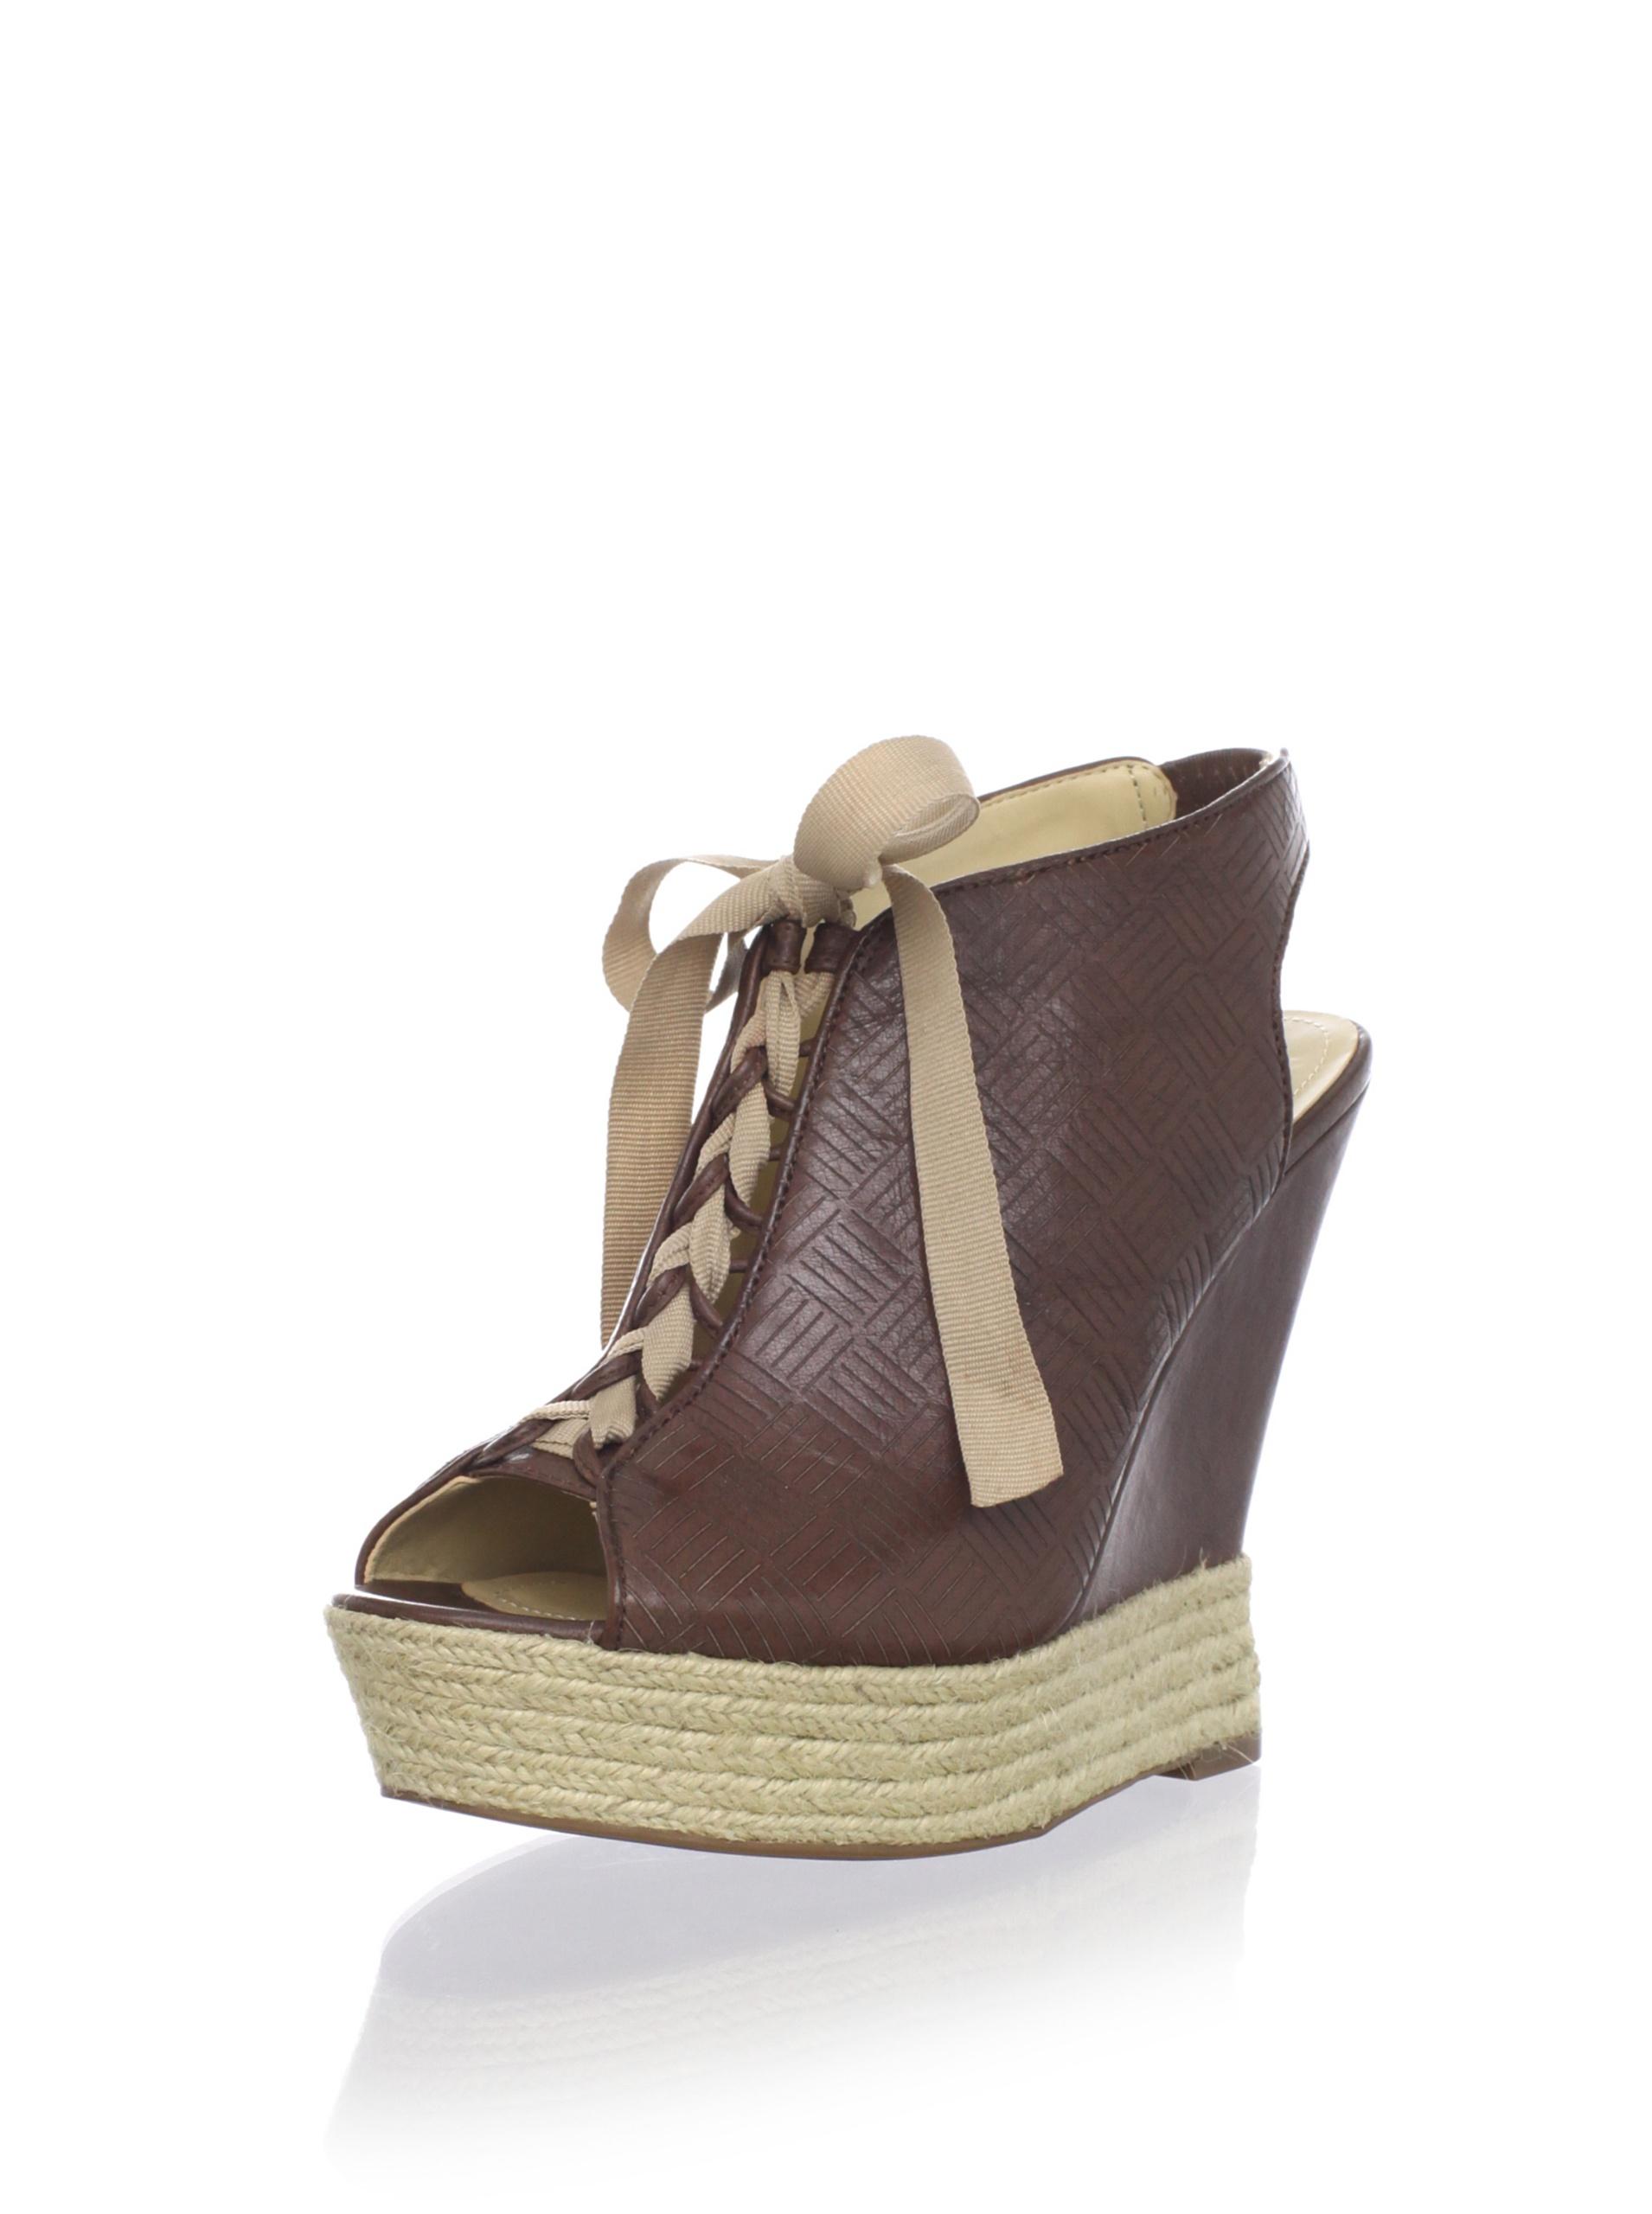 Luxury Rebel Women's Carlos Wedge Sandal (Light Brown)